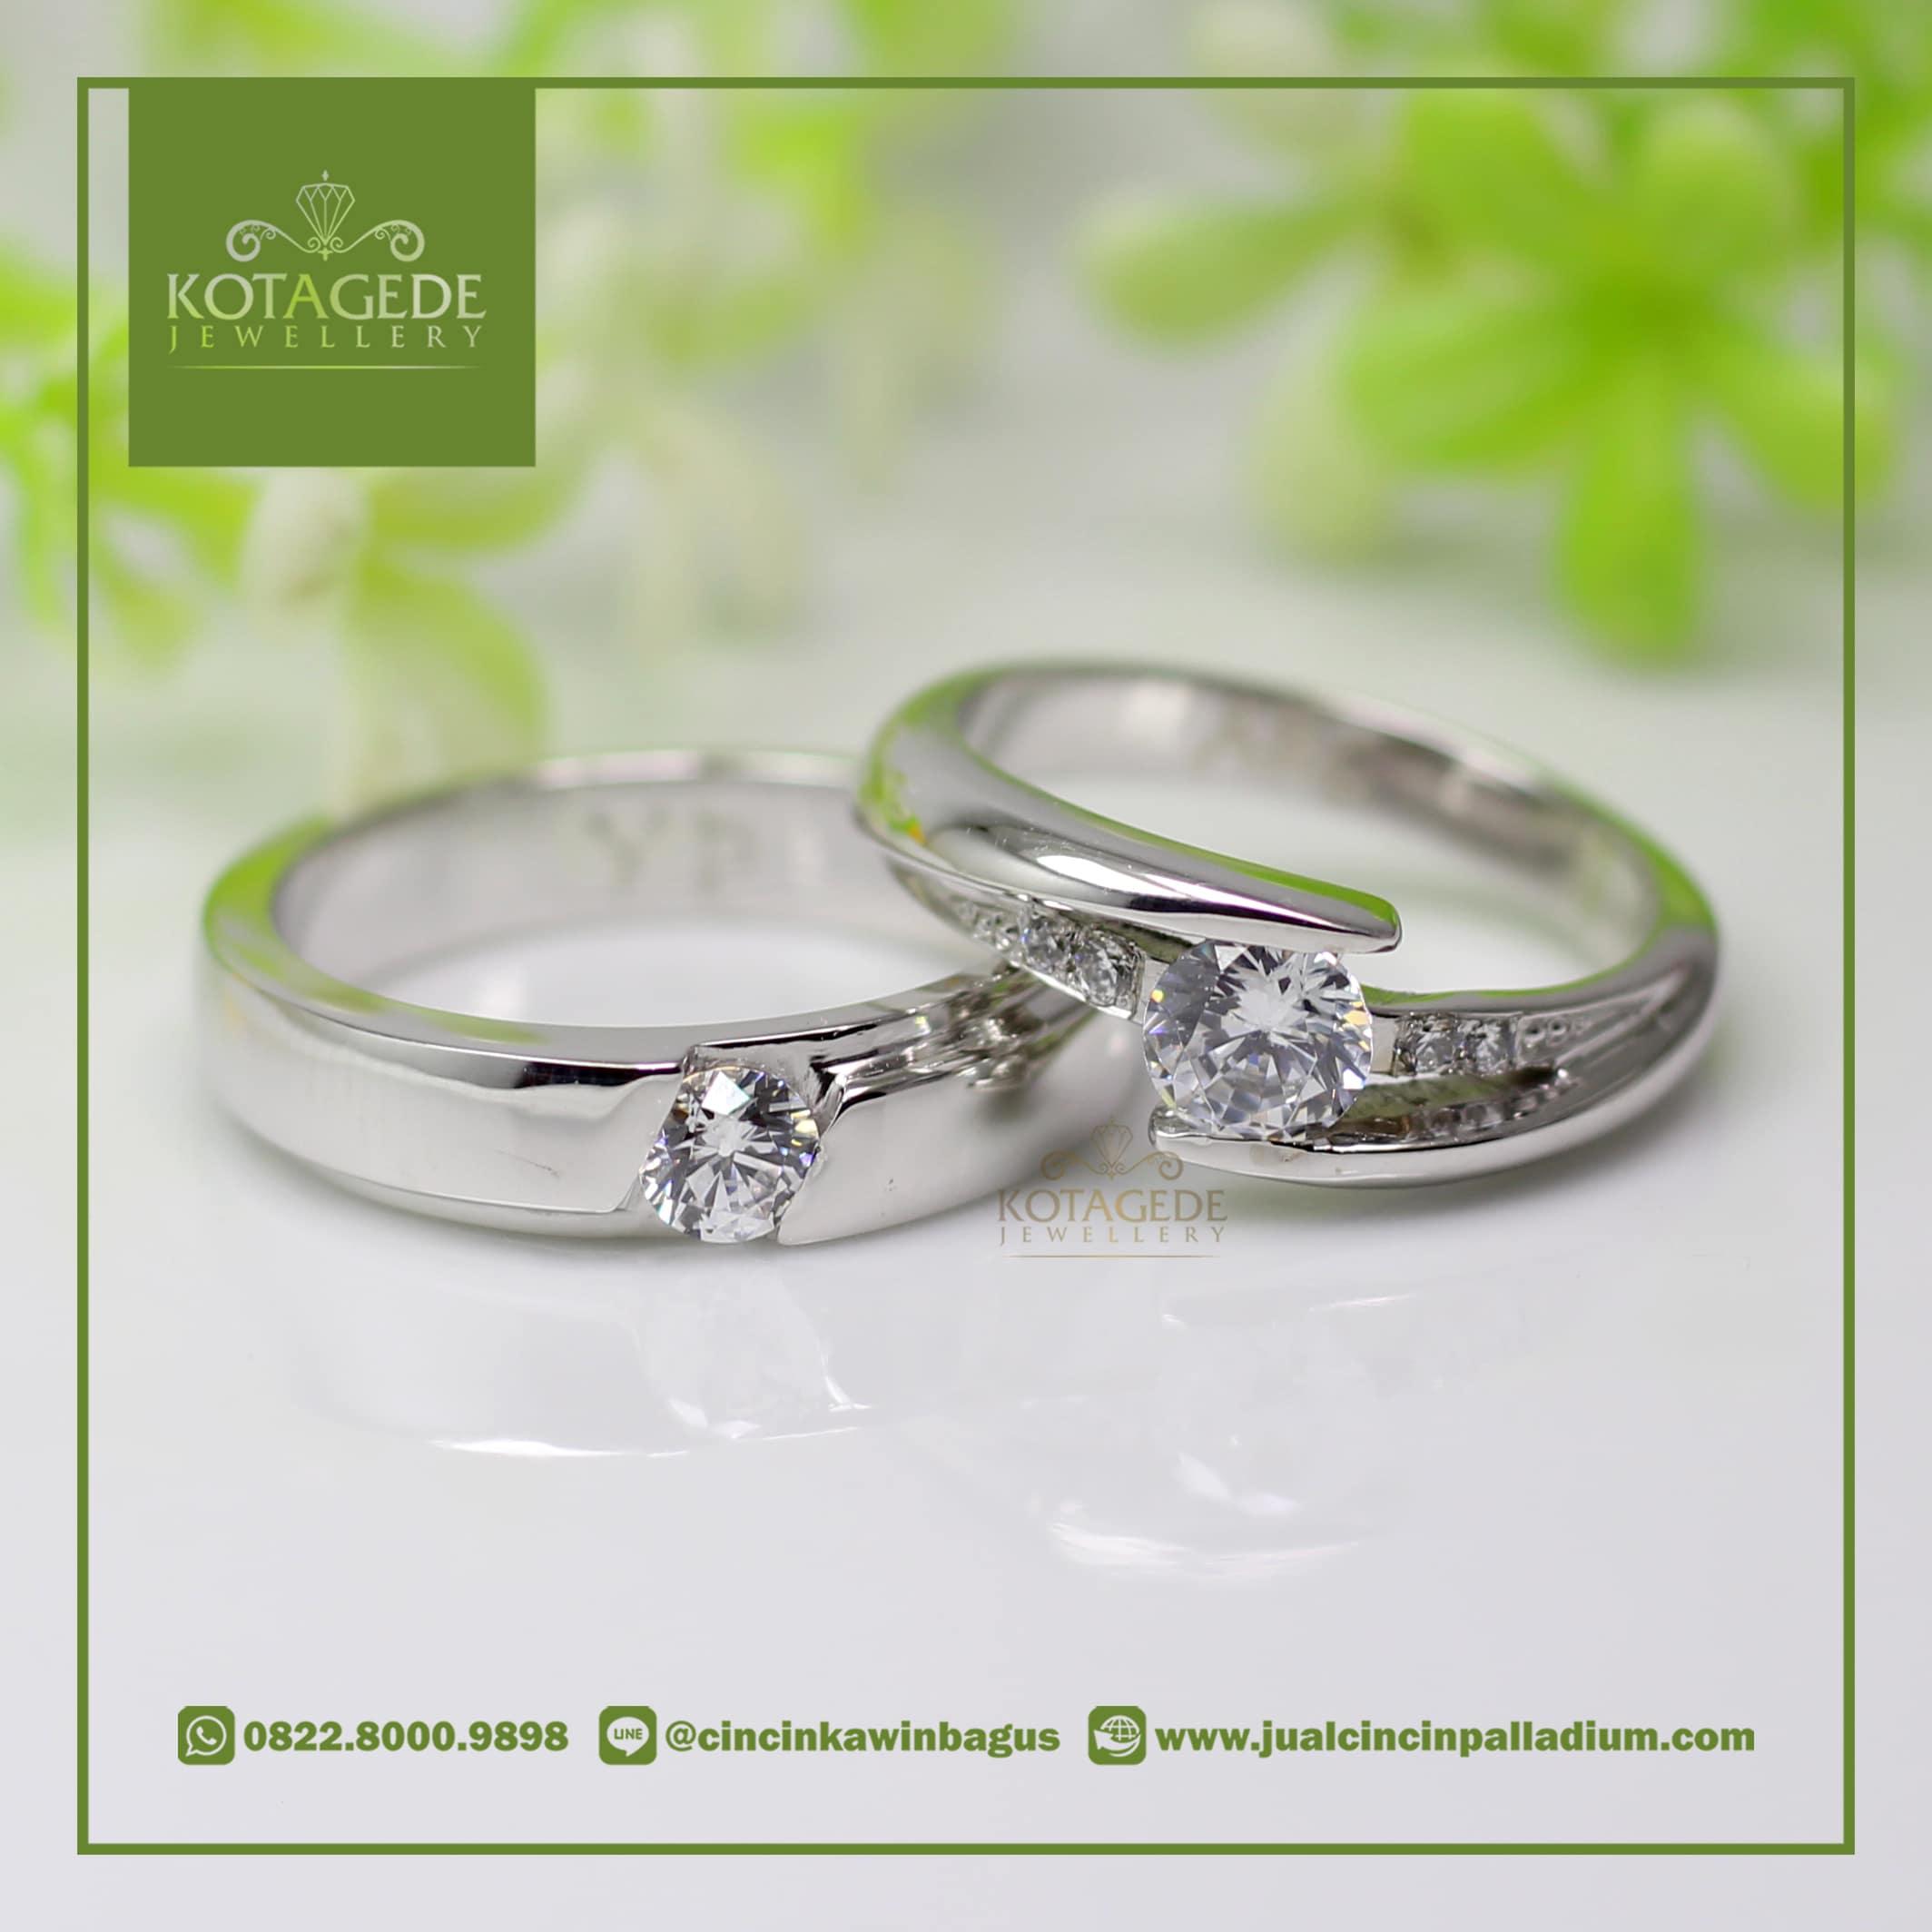 Cincin Nikah White Gold Palladium P017wg Jual Pernikahan 022